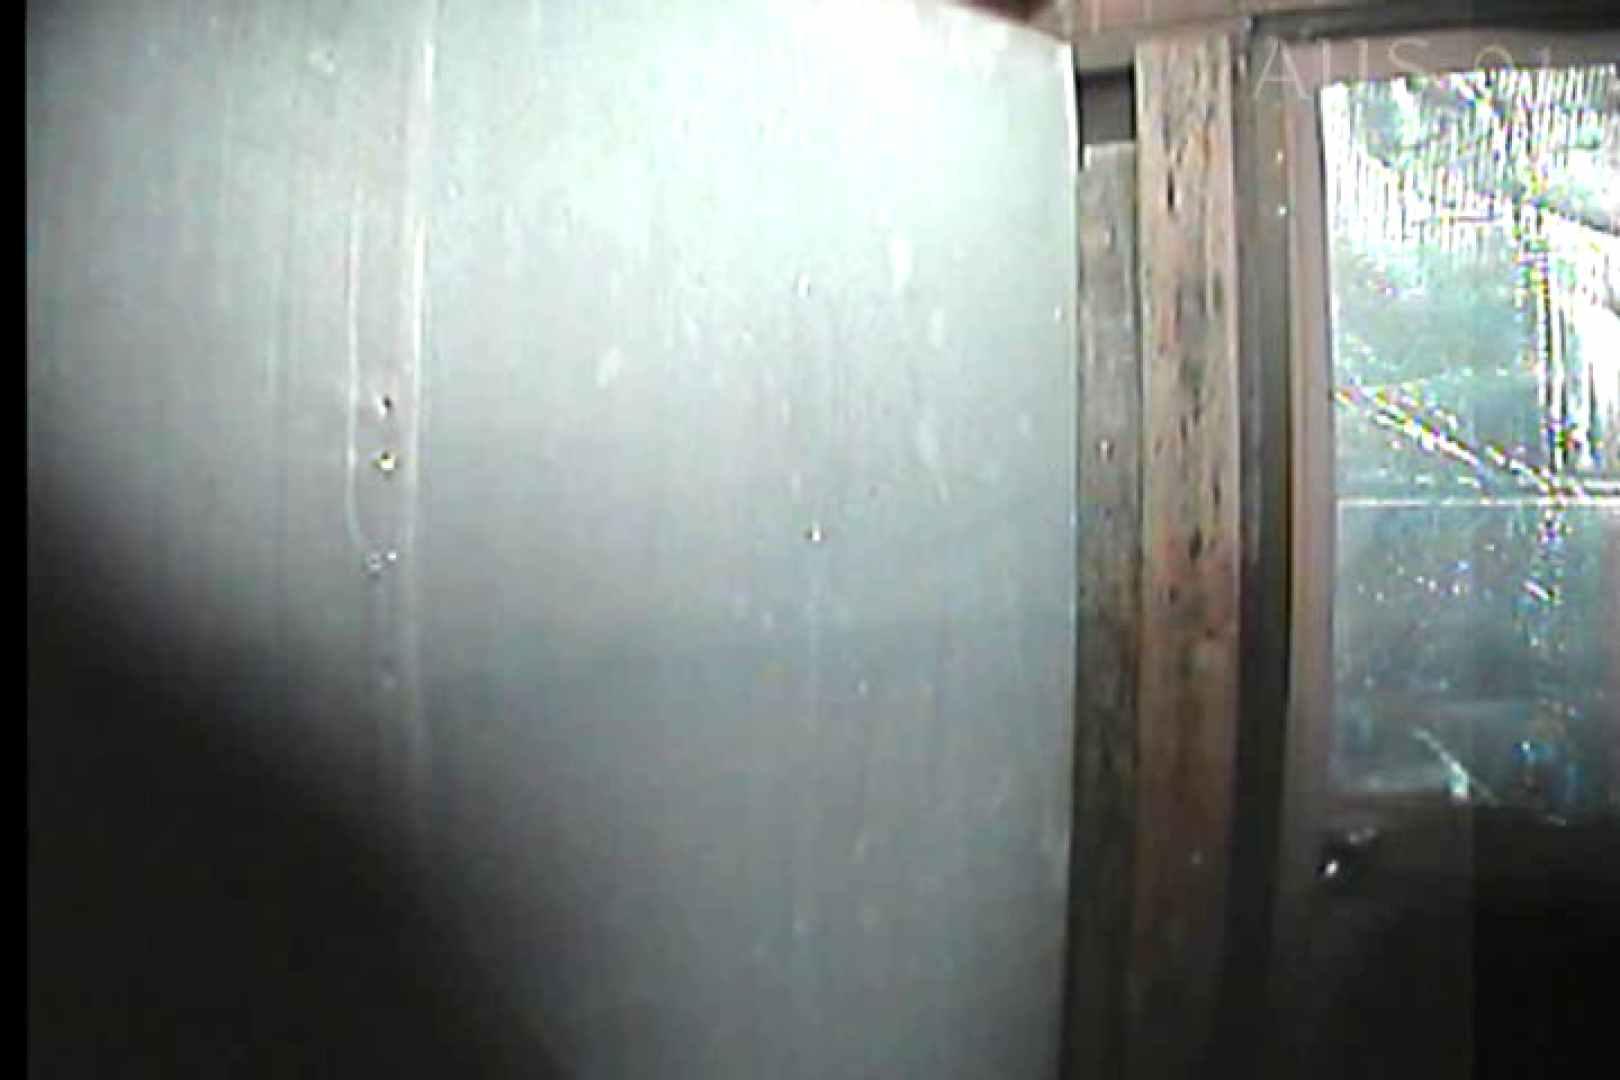 露天風呂脱衣所お着替え盗撮 Vol.01 盗撮映像大放出 | エッチすぎるOL達  53連発 51